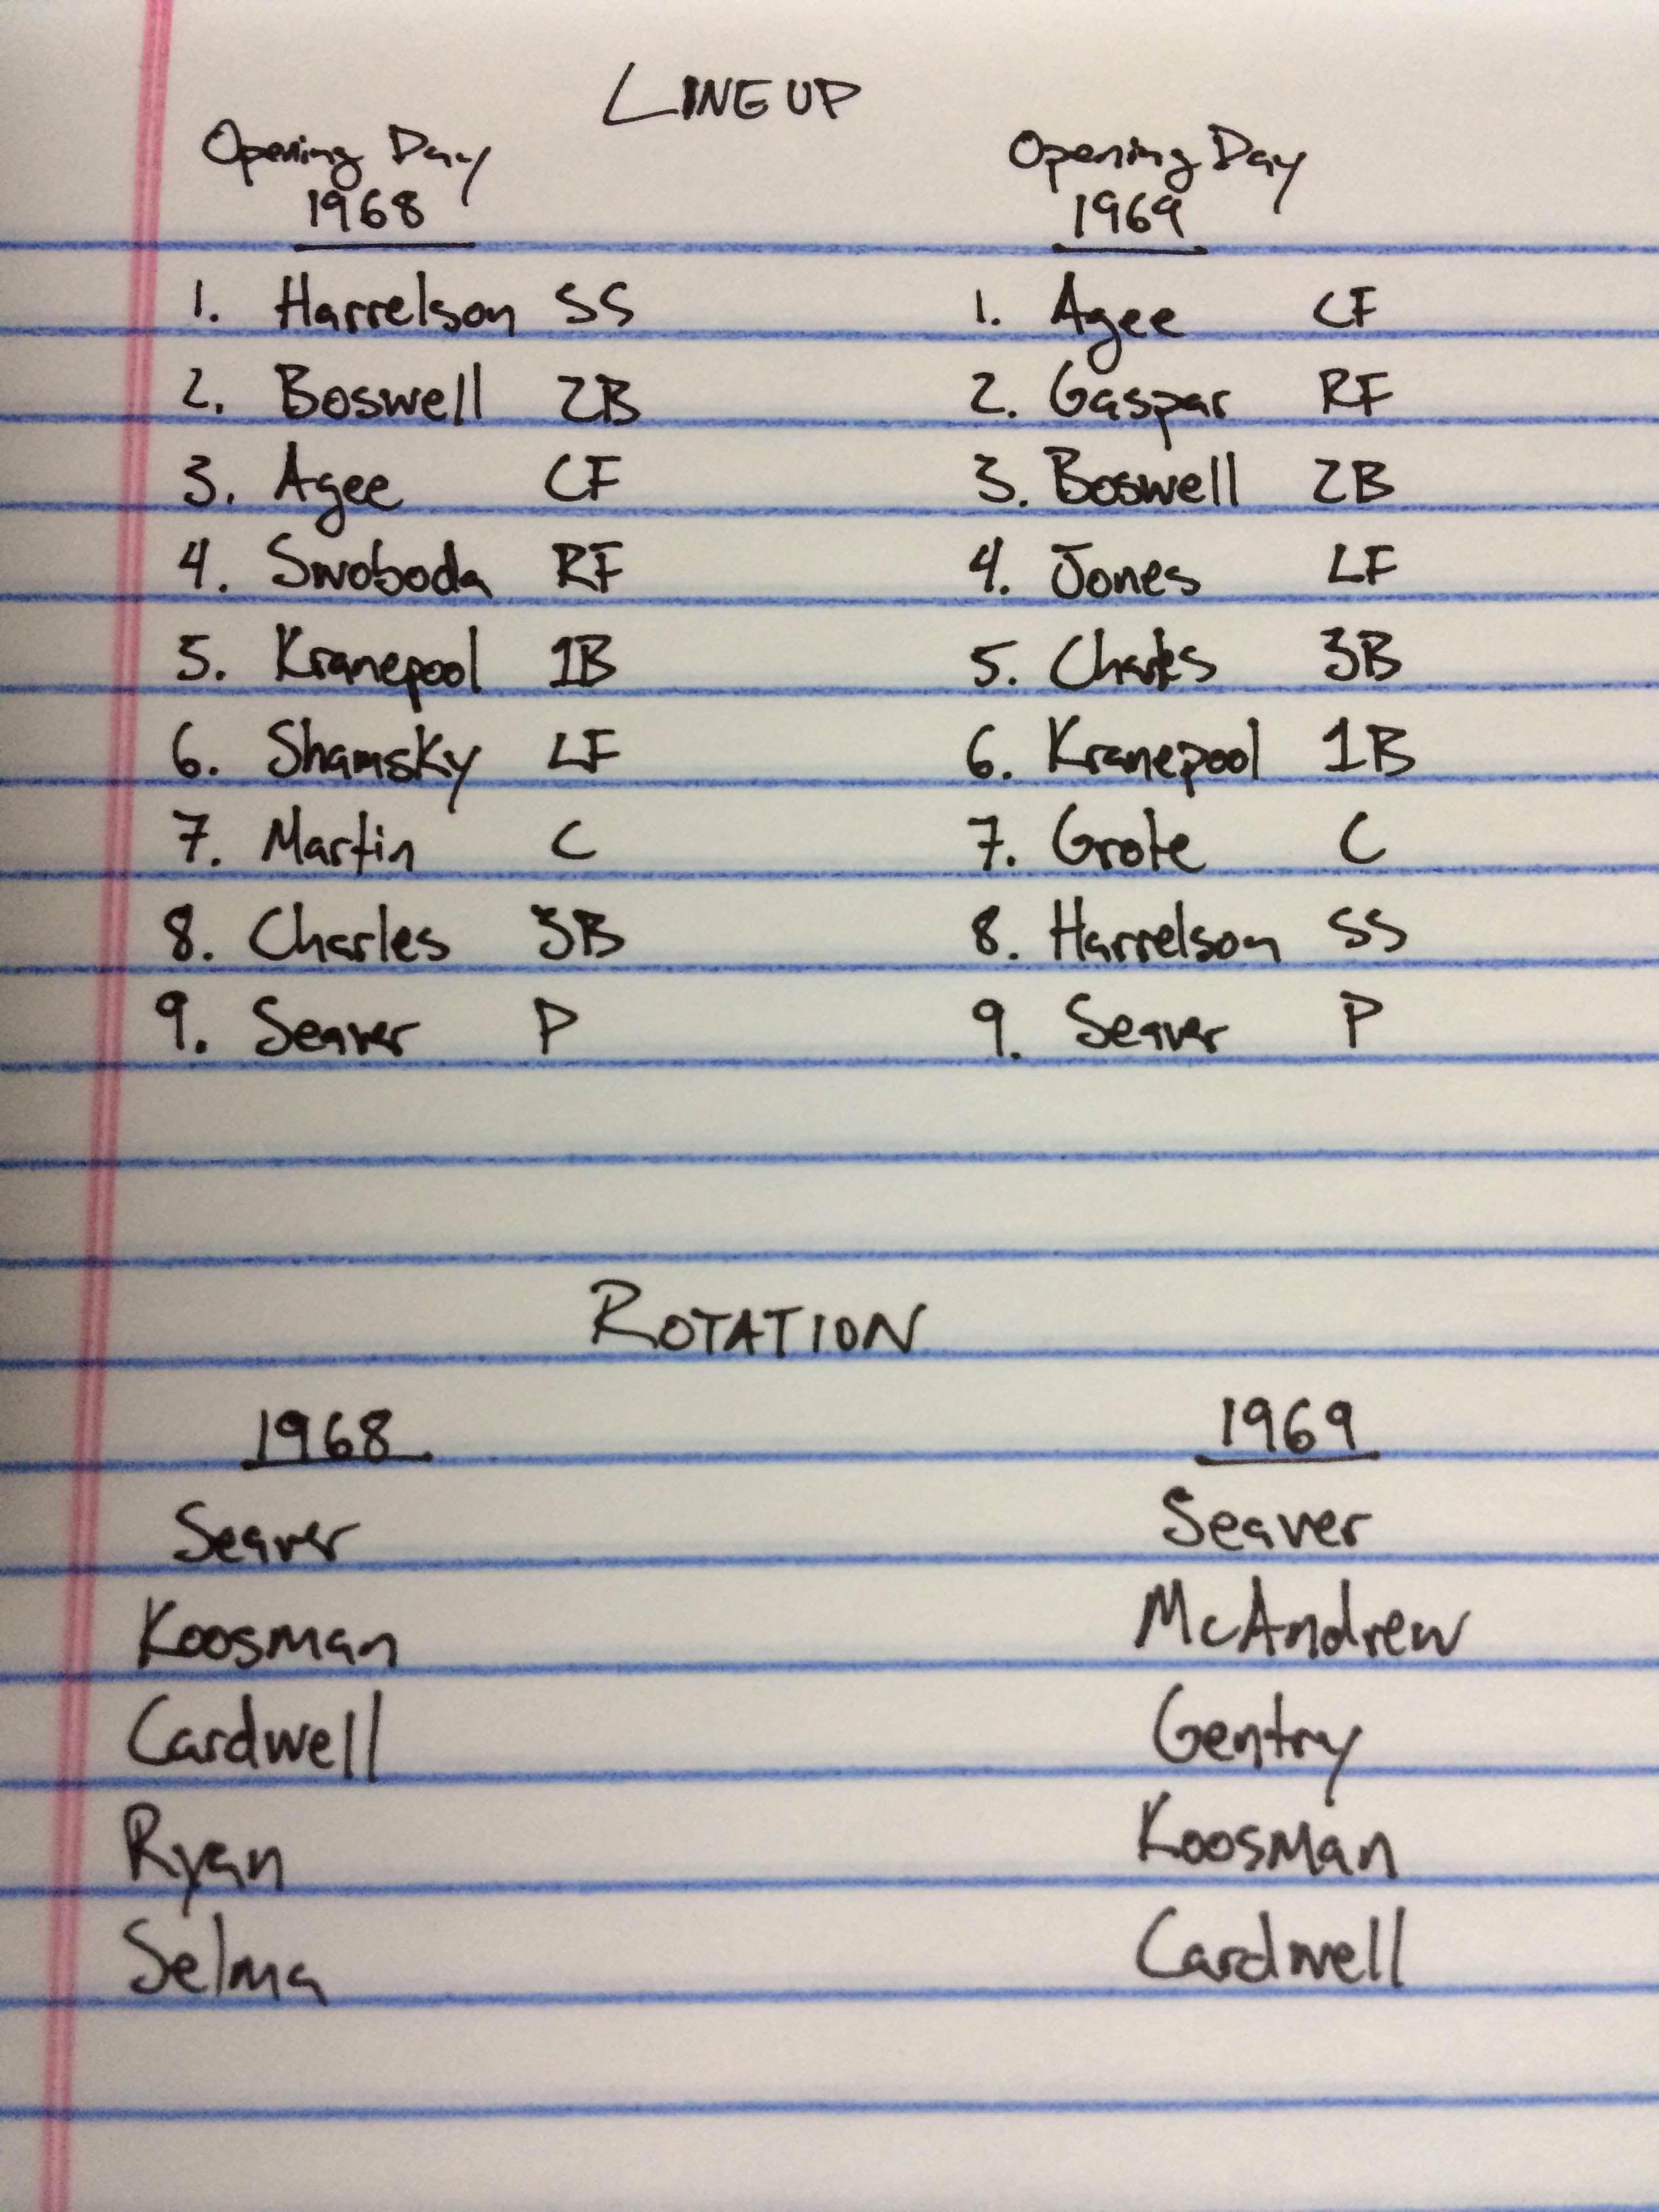 Mets Lineup